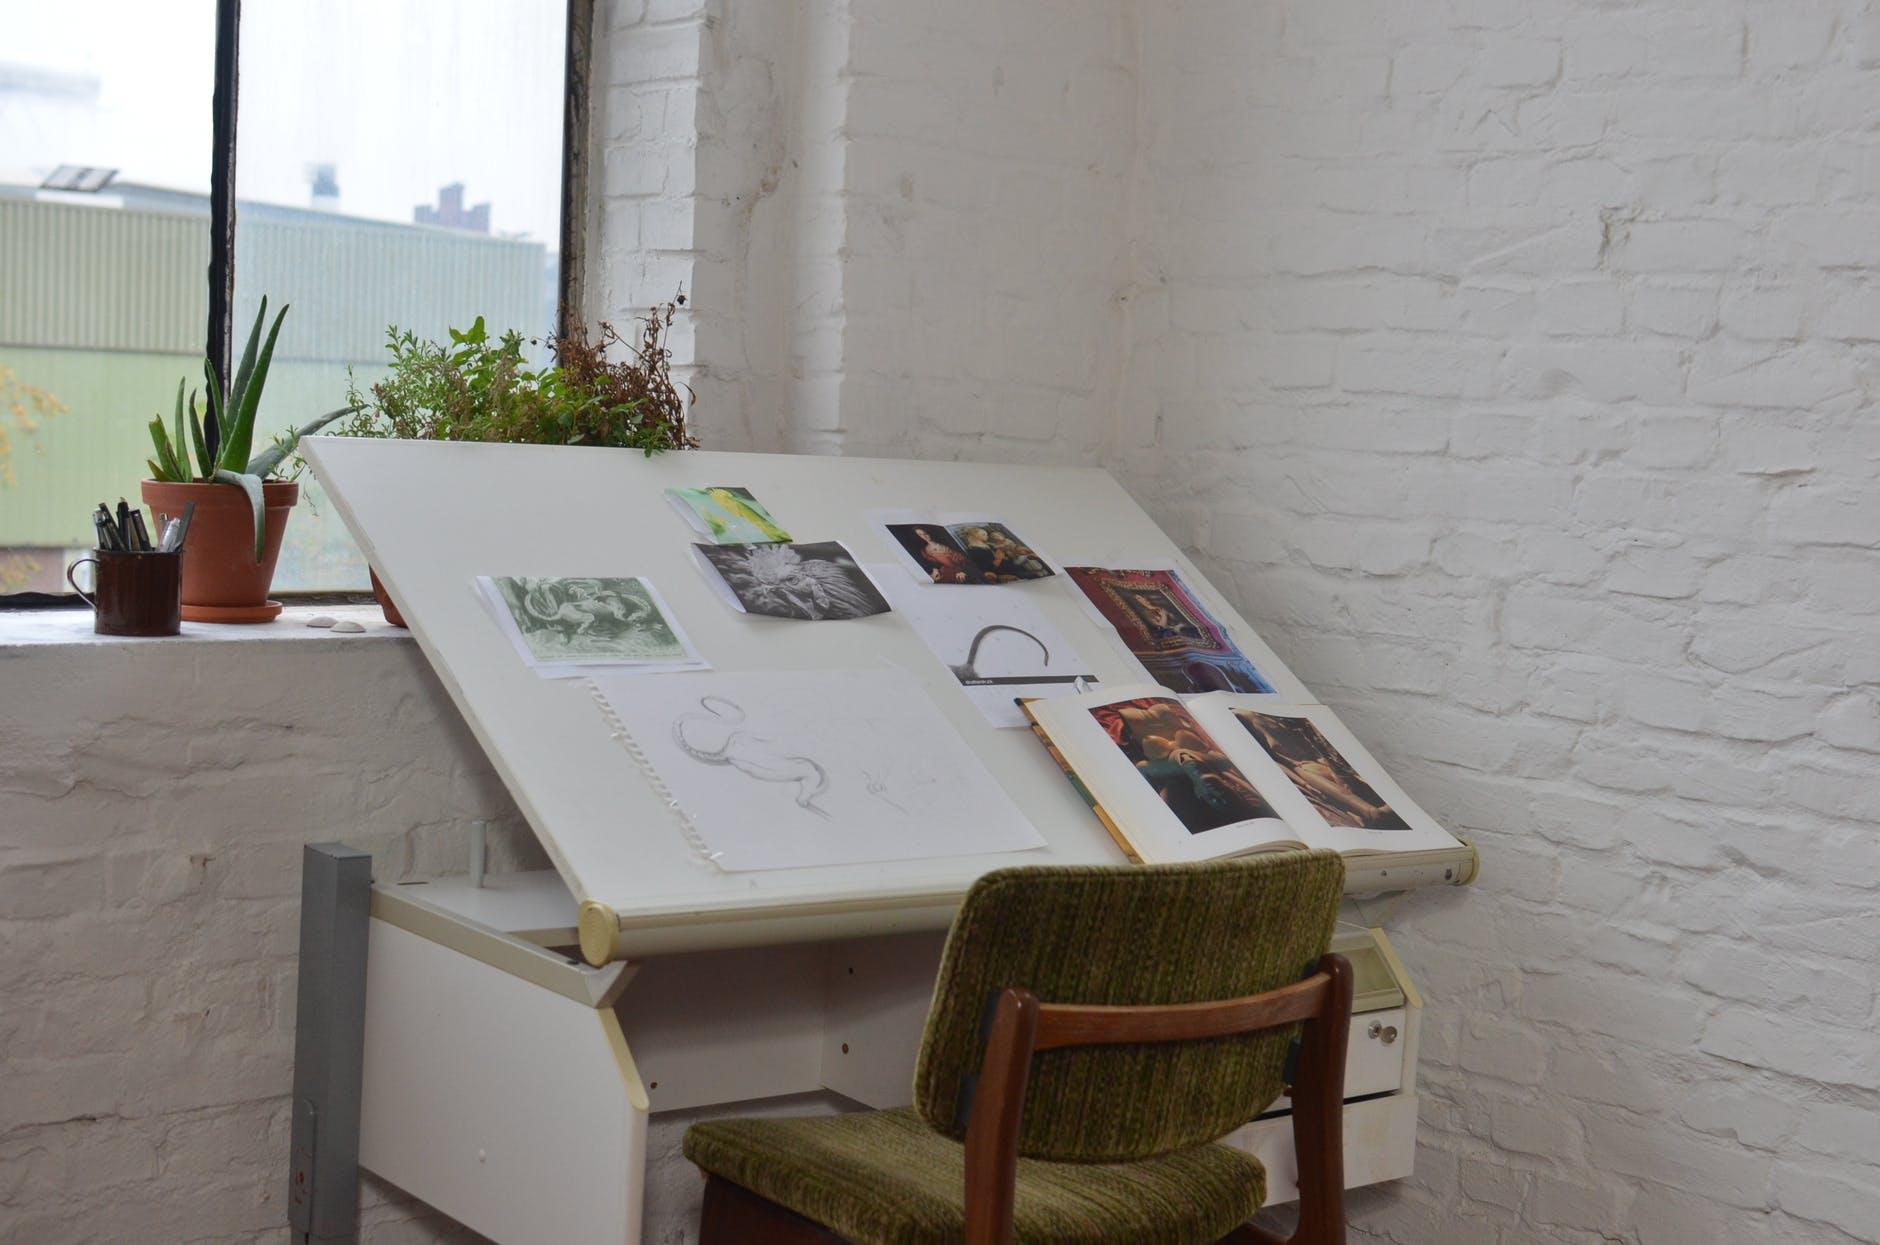 Concept artists have portfolios